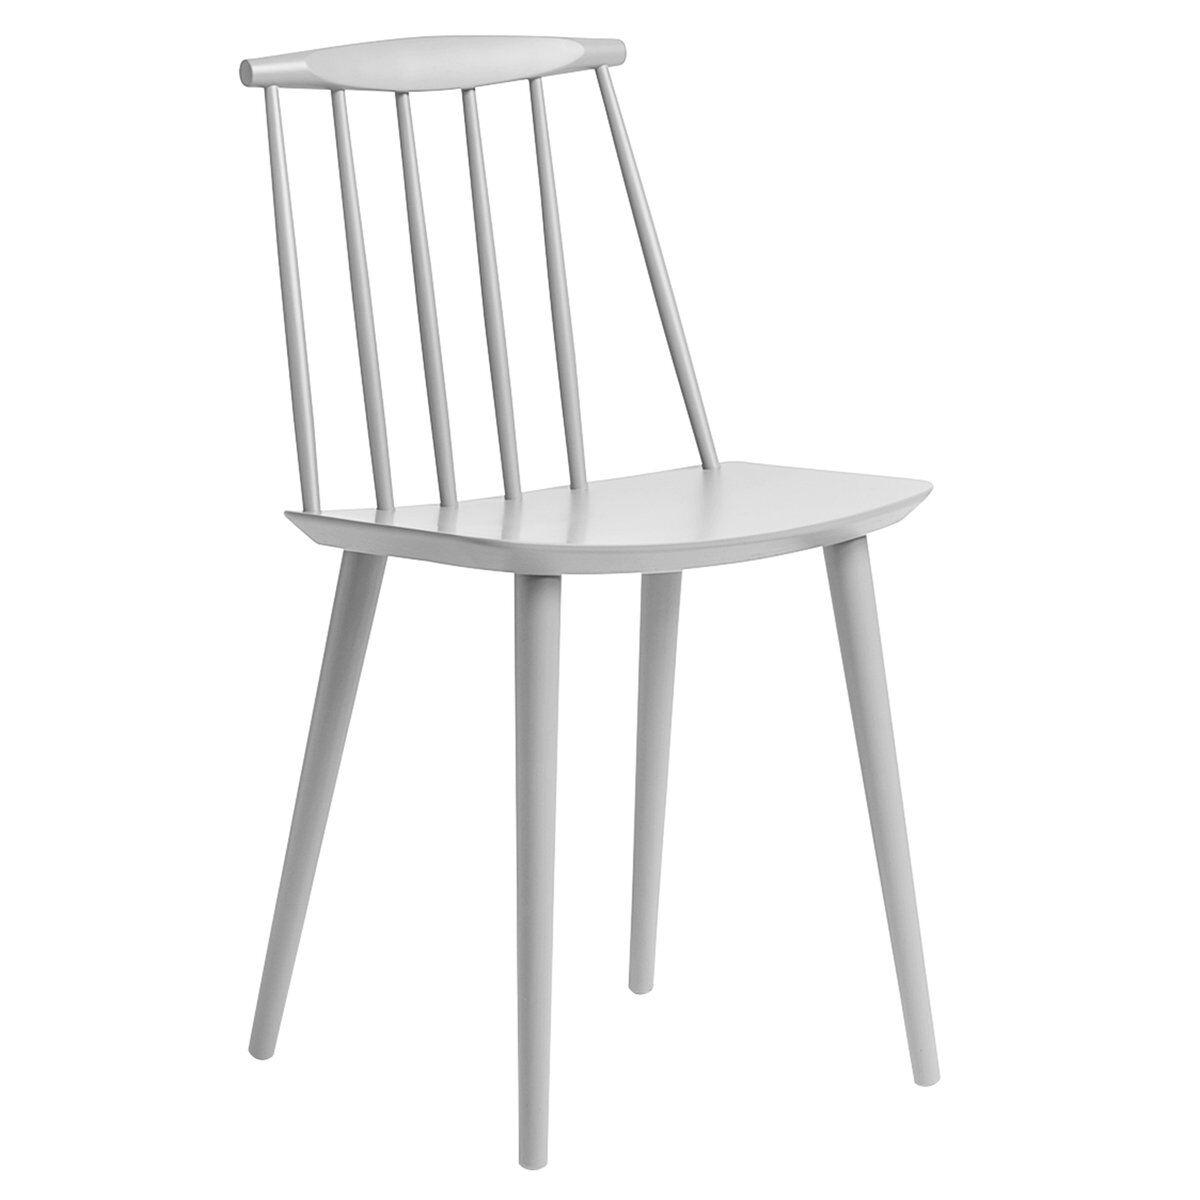 Hay J77 tuoli, dusty grey